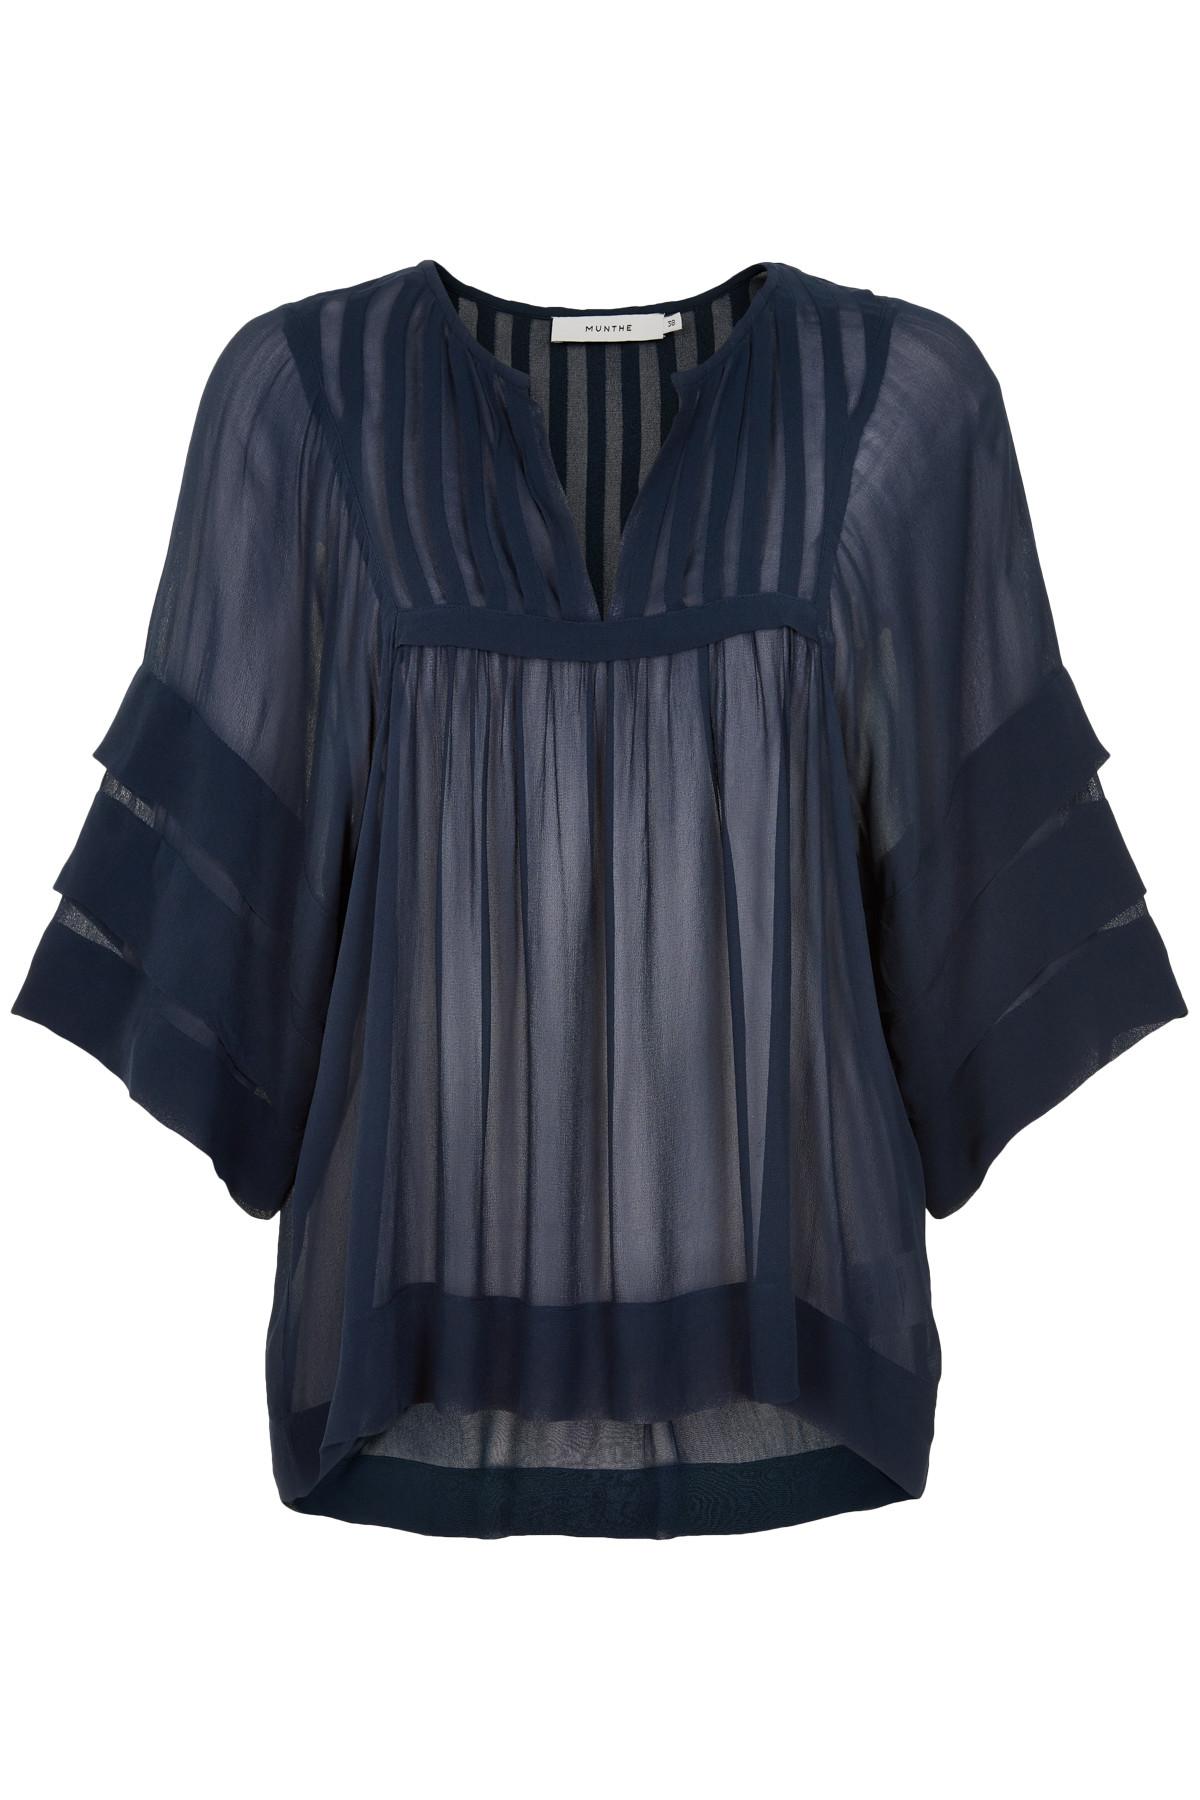 Kendt FashionFifteen præsenterer mindst 150 lækre styles fra Munthe - Køb CY22